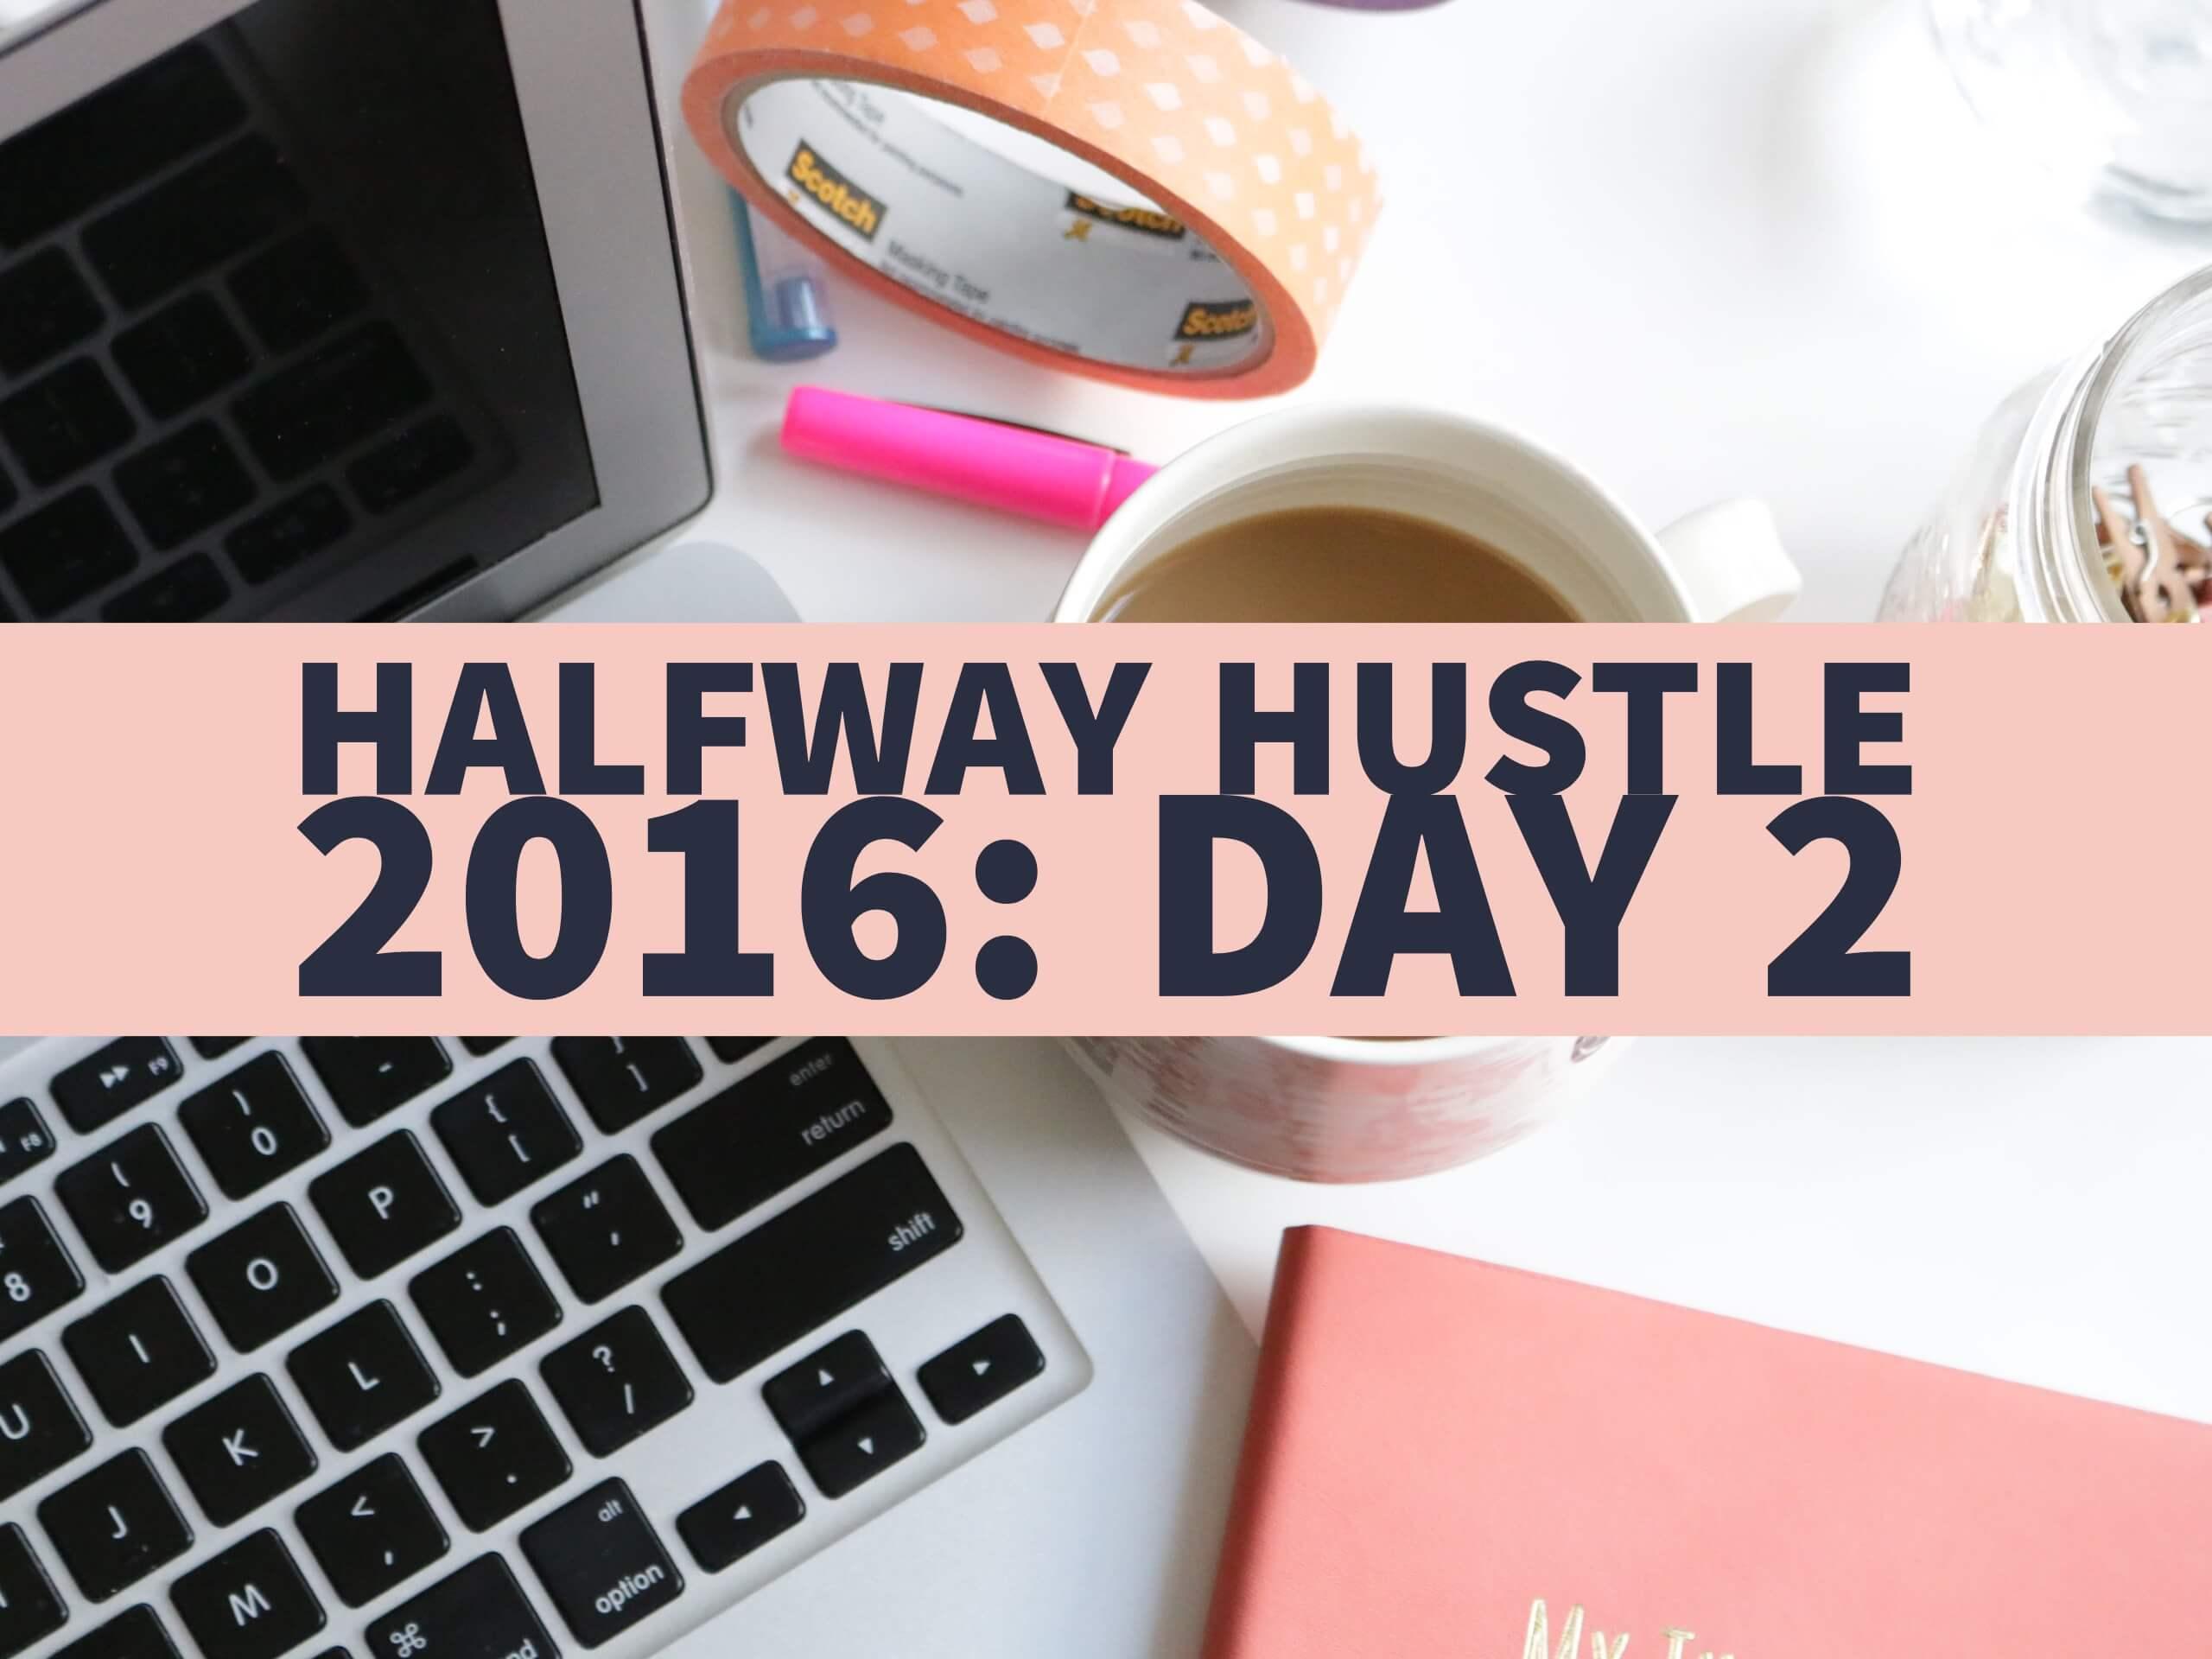 Halfway Hustle 2016 Day 2: Looking Forward